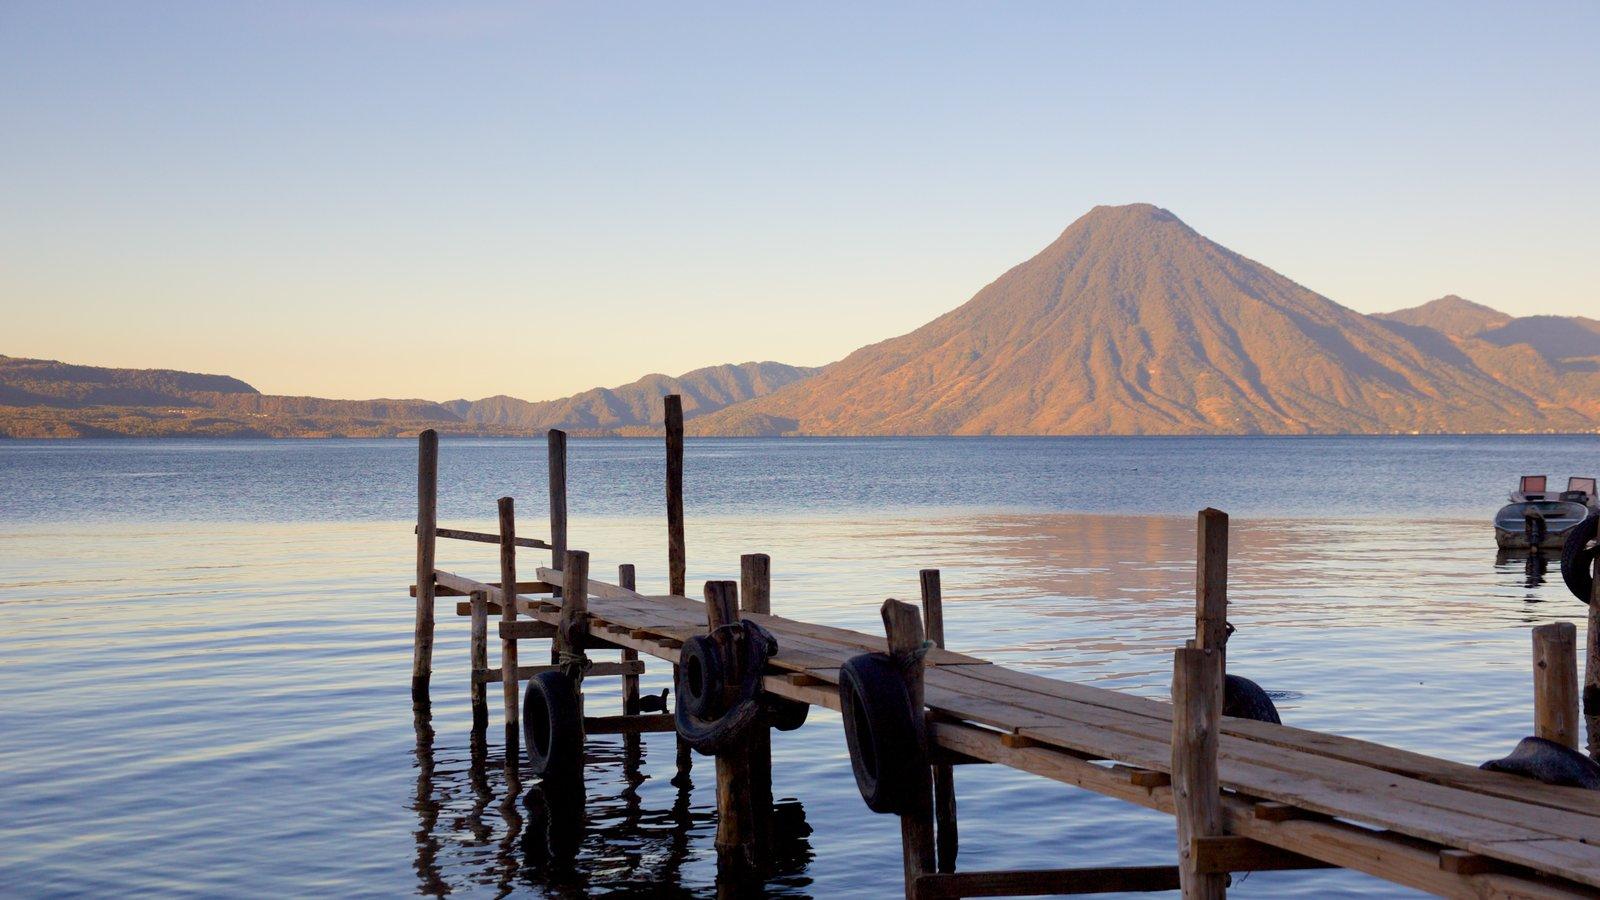 Volcán San Pedro que incluye montañas, vistas generales de la costa y una bahía o puerto